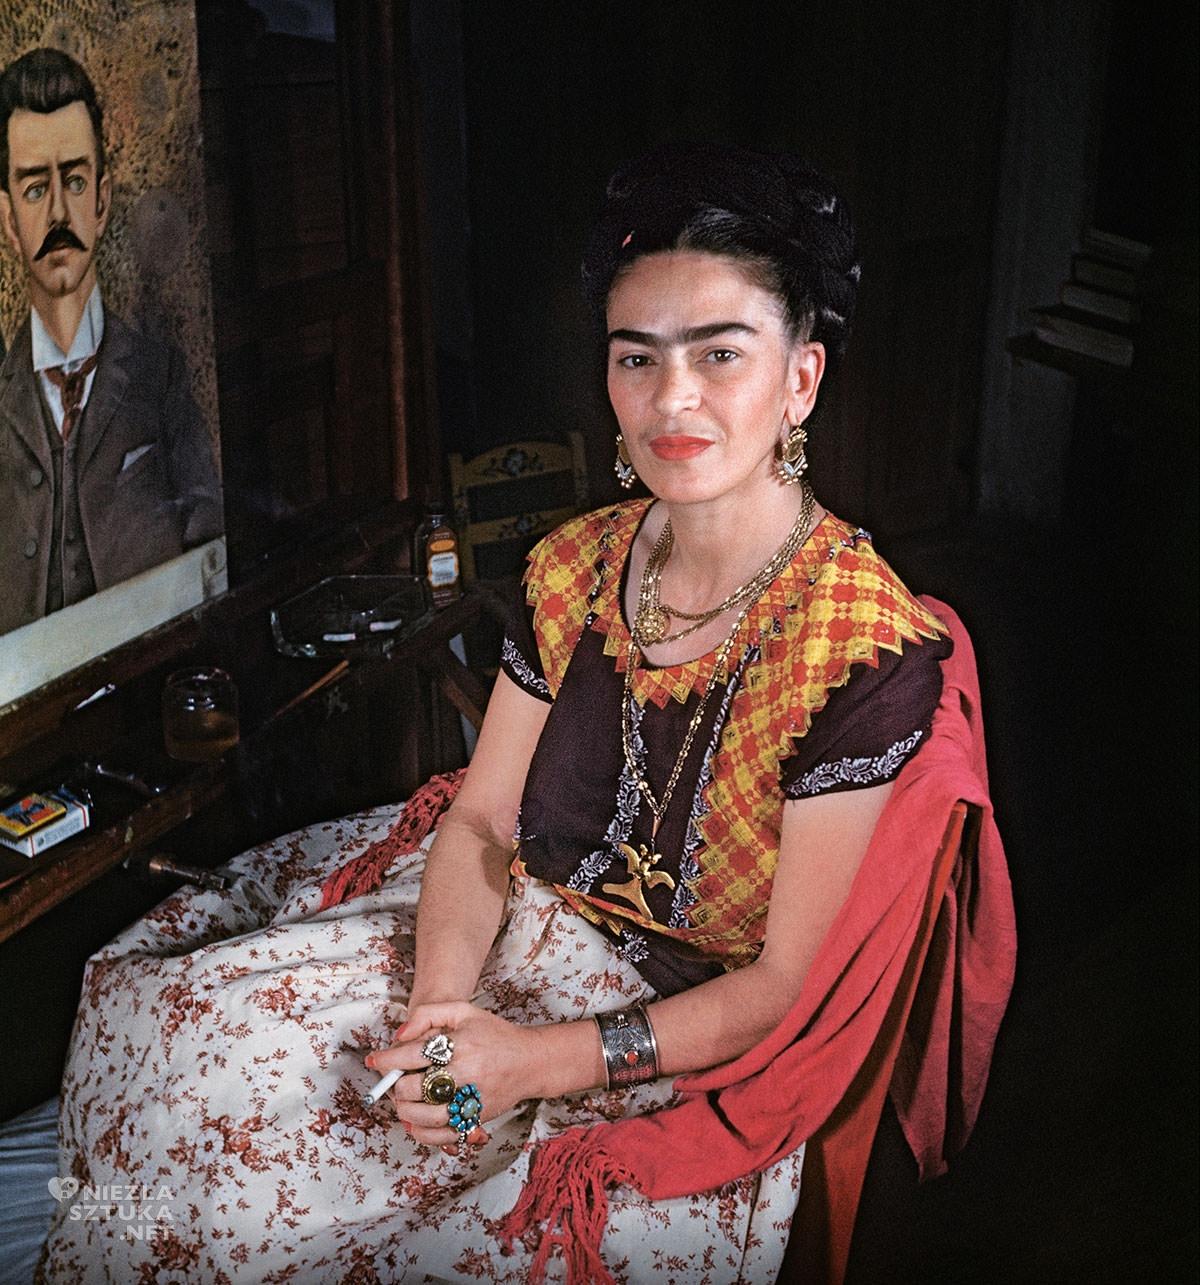 Gisèle Freund Frida Kahlo